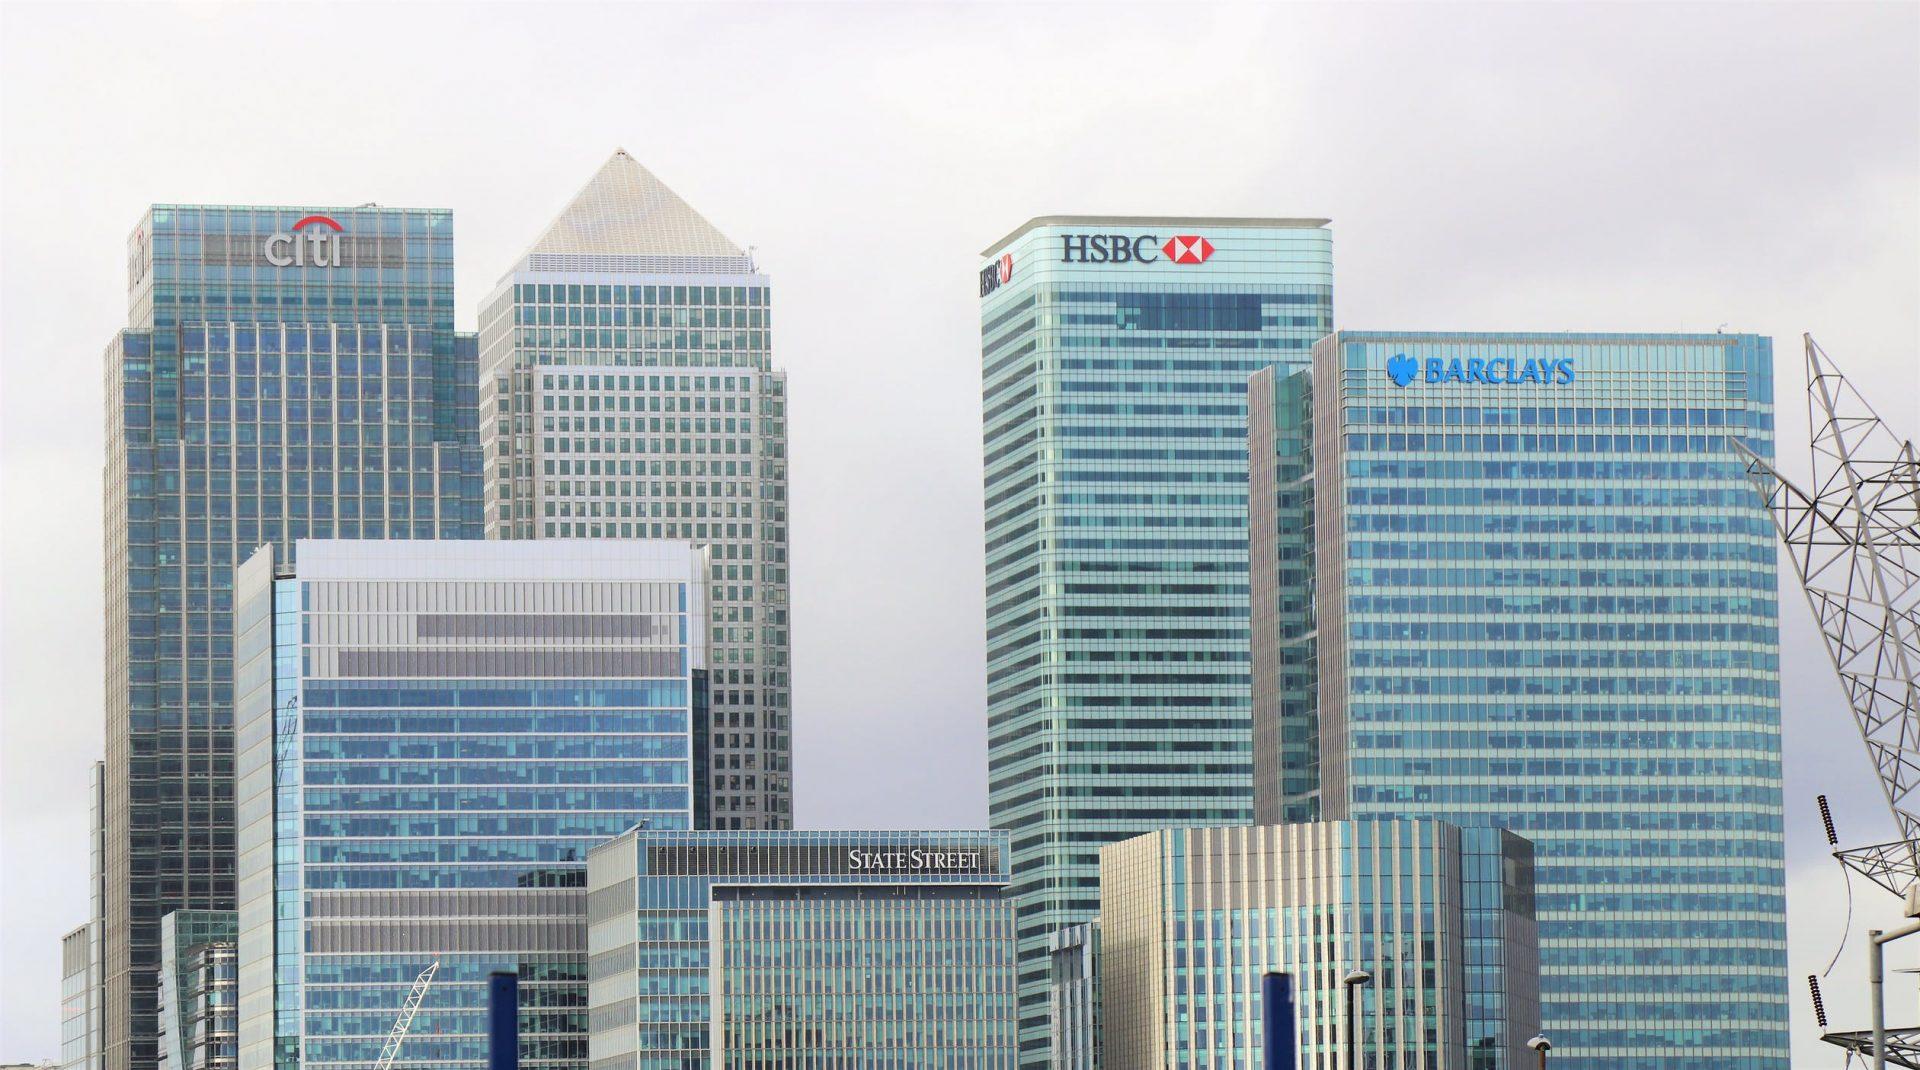 Skyline of Hong Kong banks